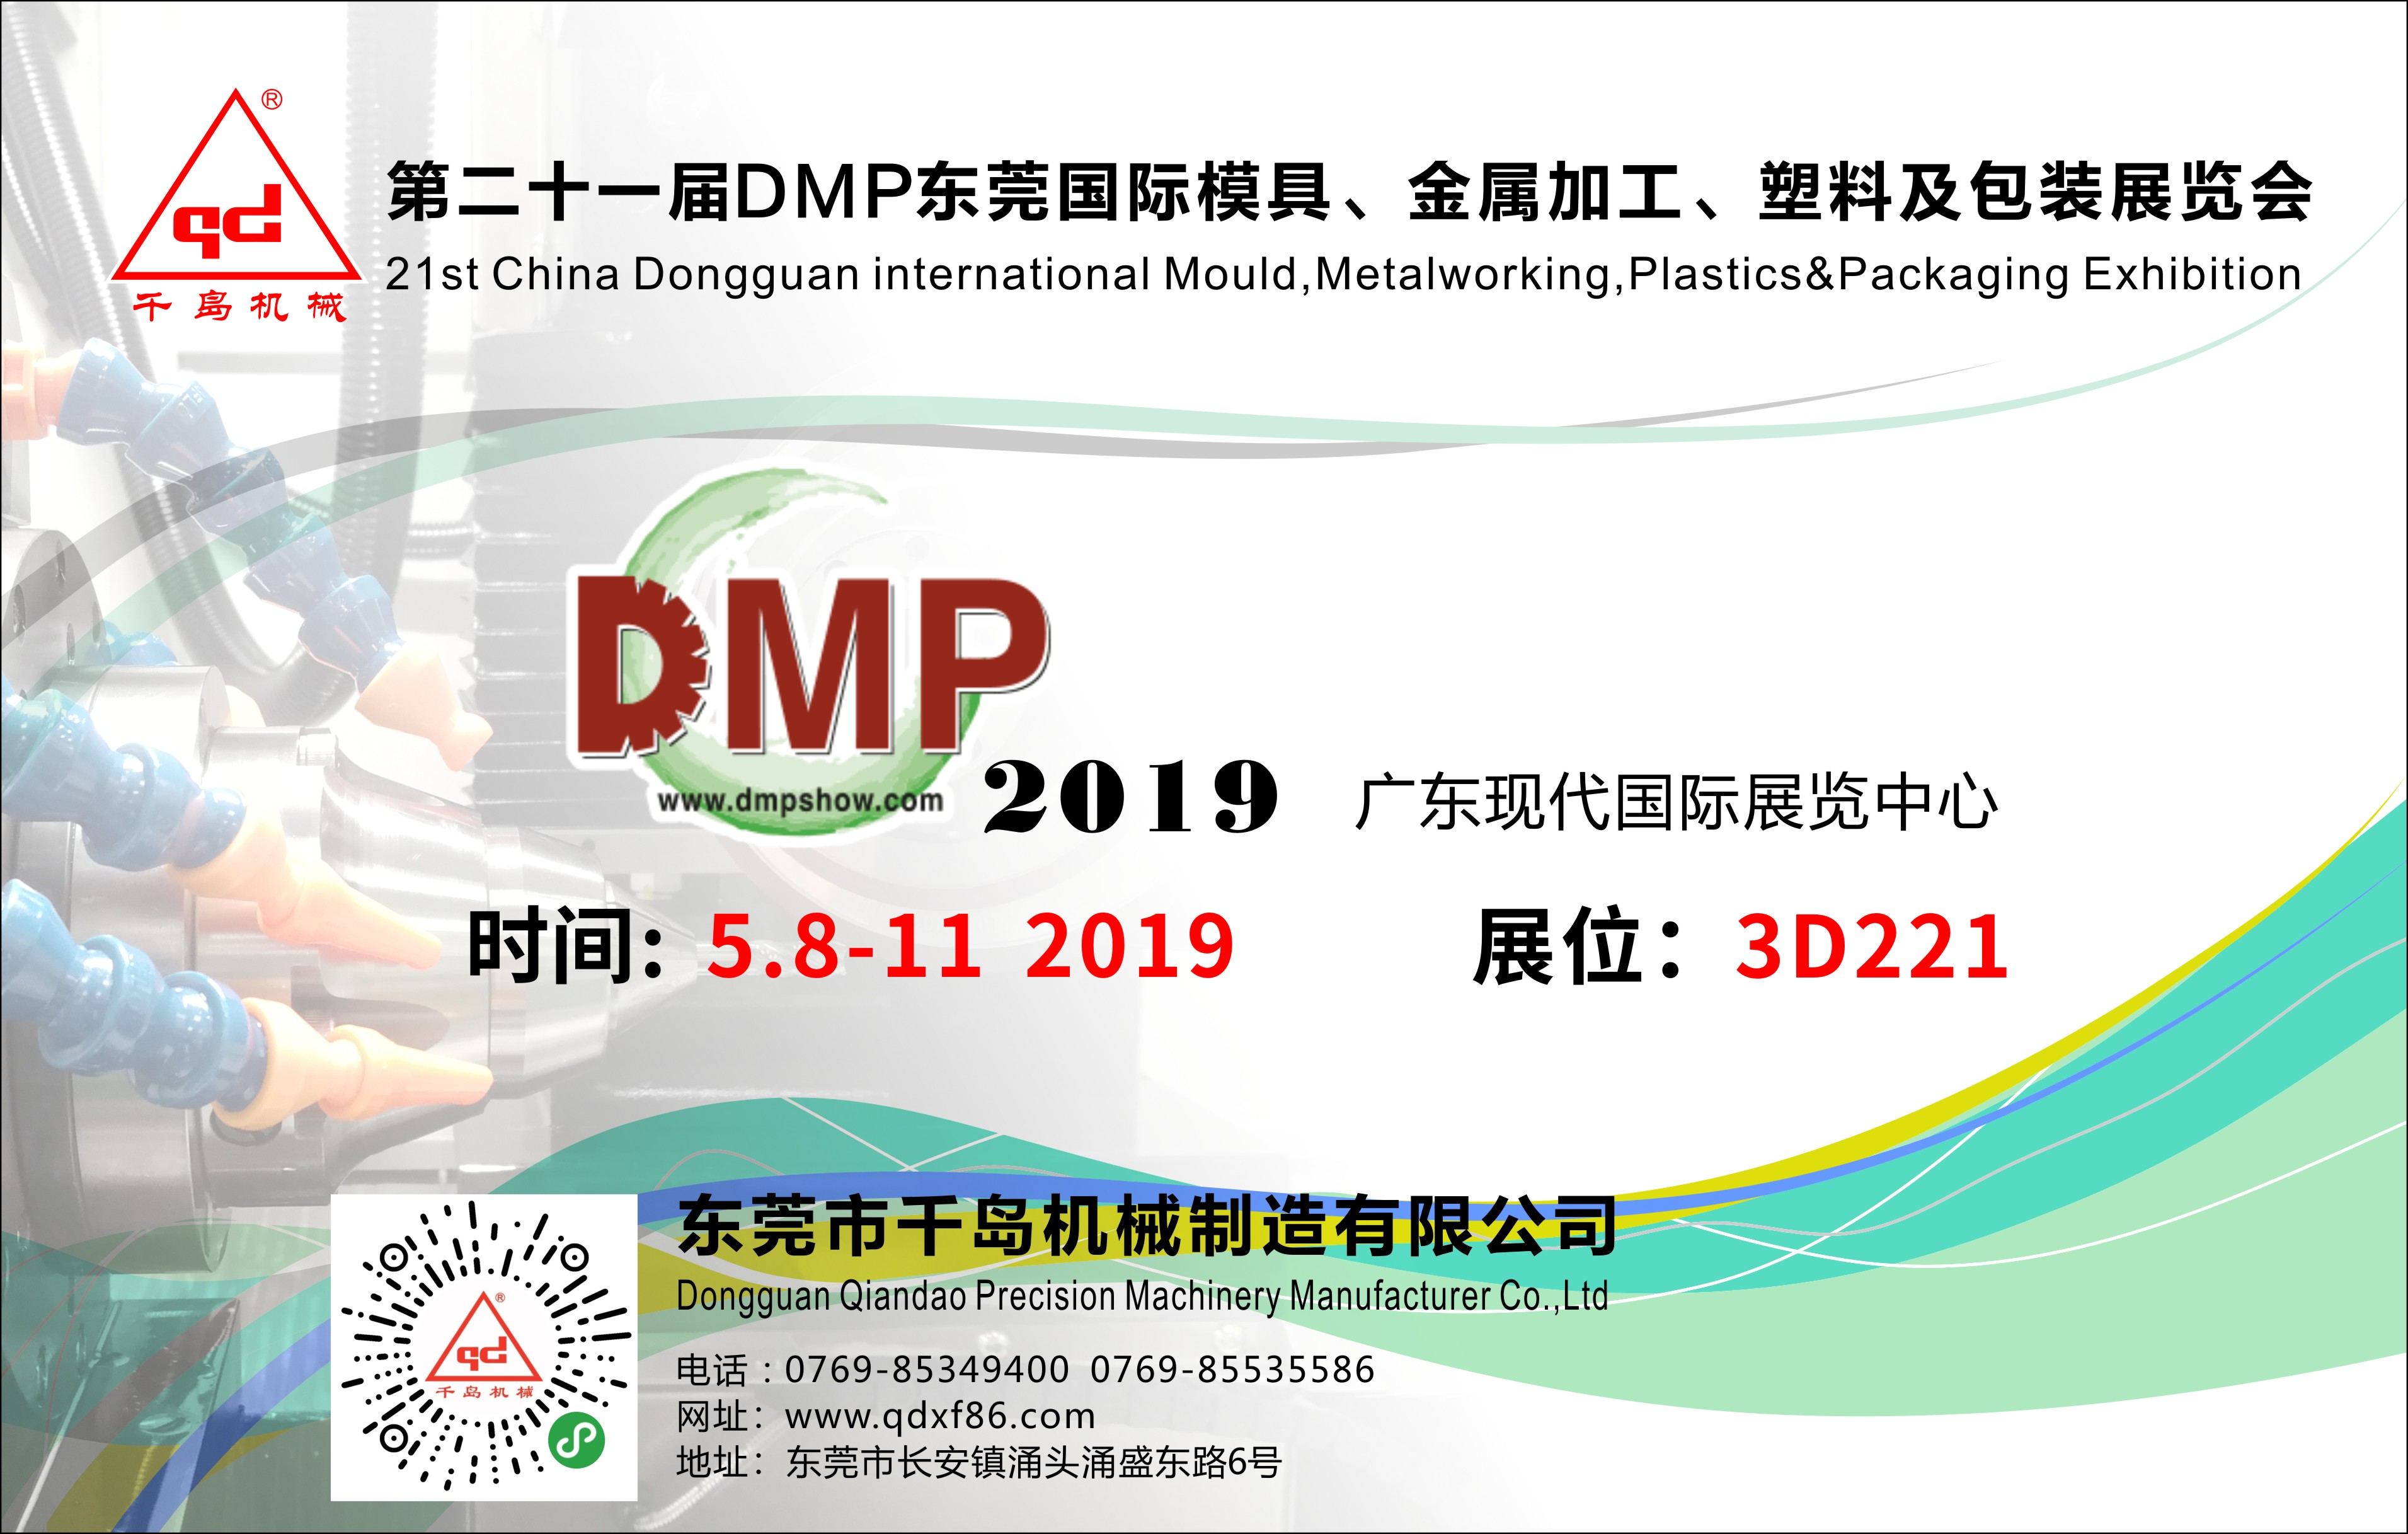 千岛机械-第二十一届DMP东莞国际模具、金属加工展